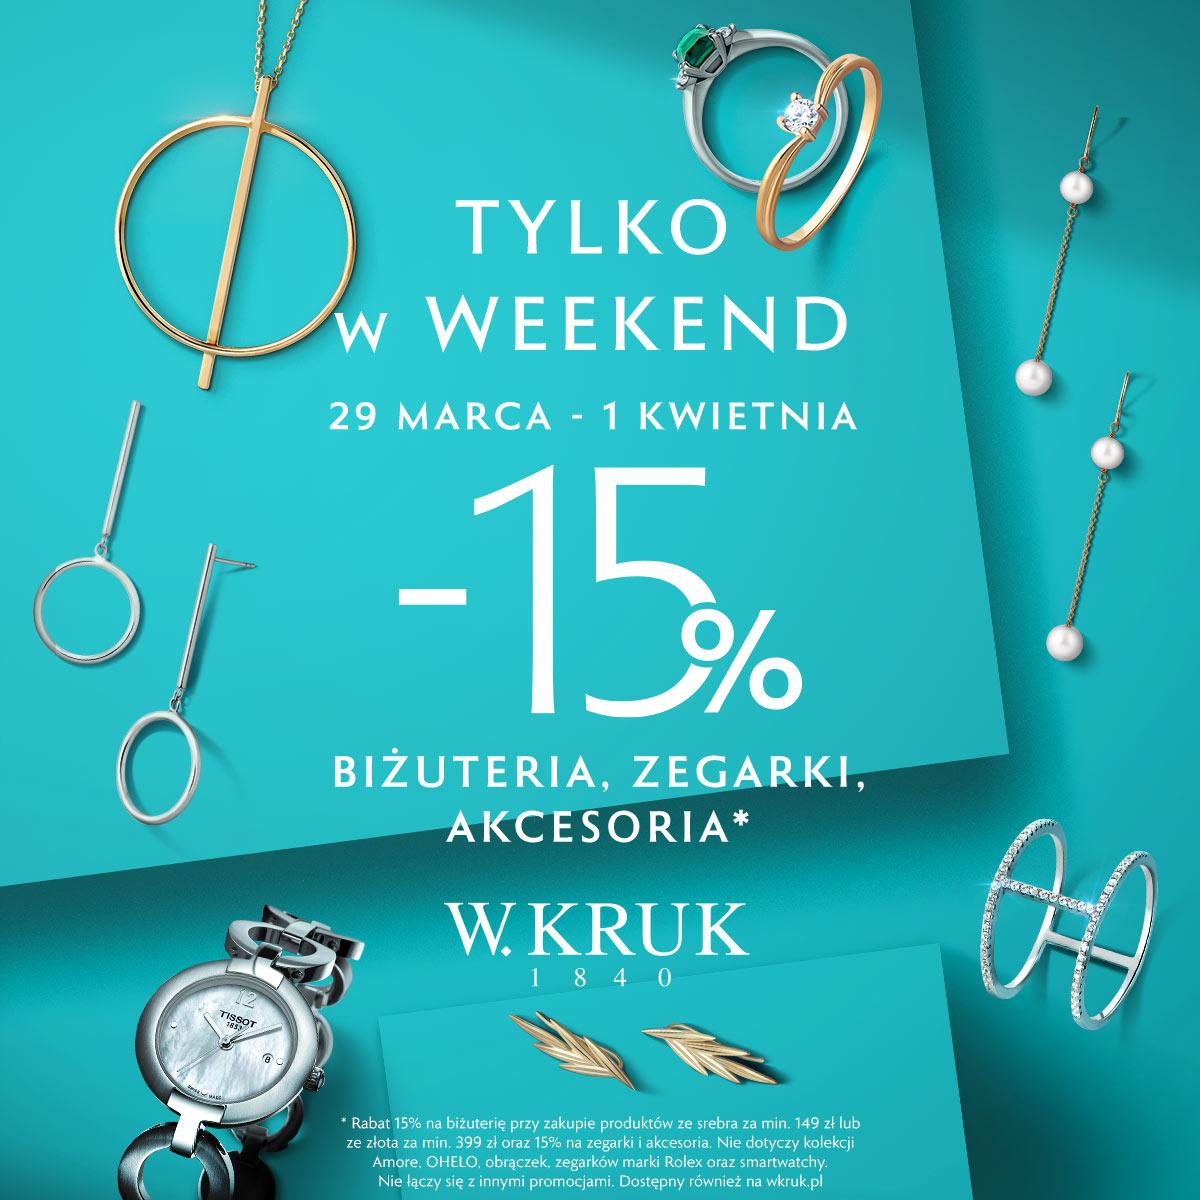 WKruk_www_WeekendZnizek_1200x1200_20190321